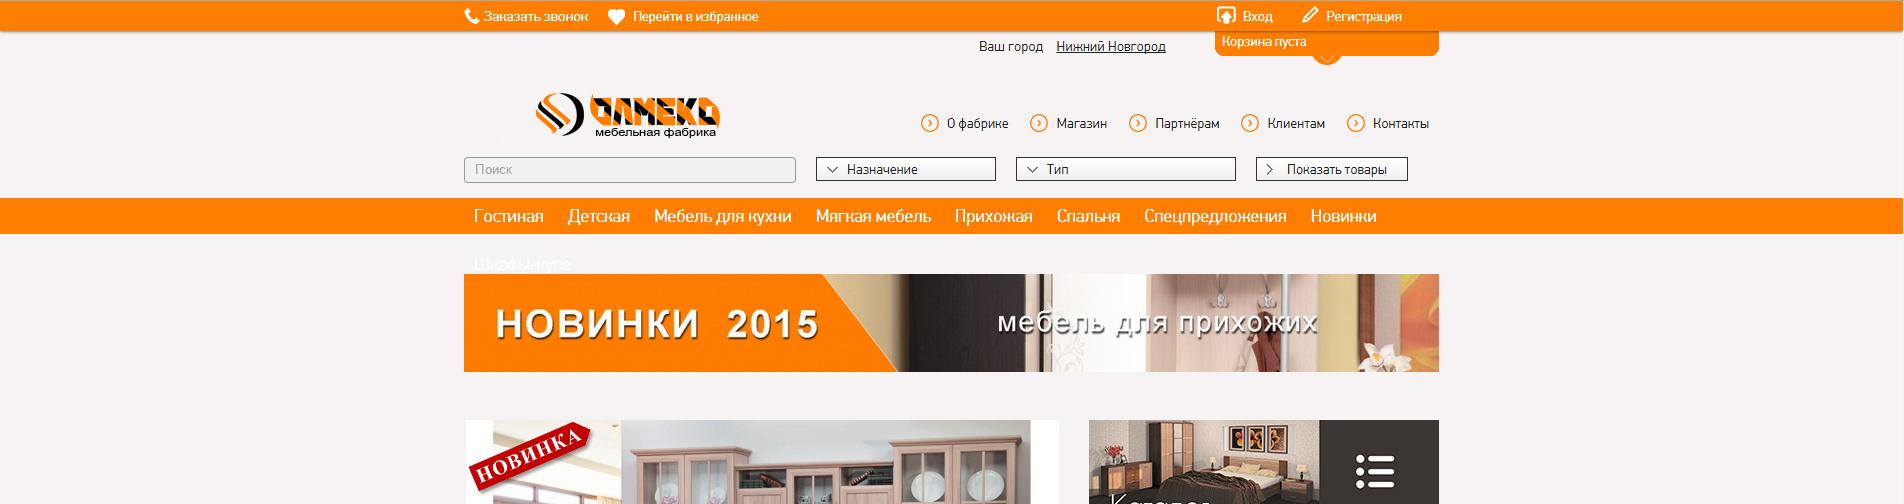 Ребрендинг/Редизайн логотипа Мебельной Фабрики фото f_40754901c43d3eb0.jpg